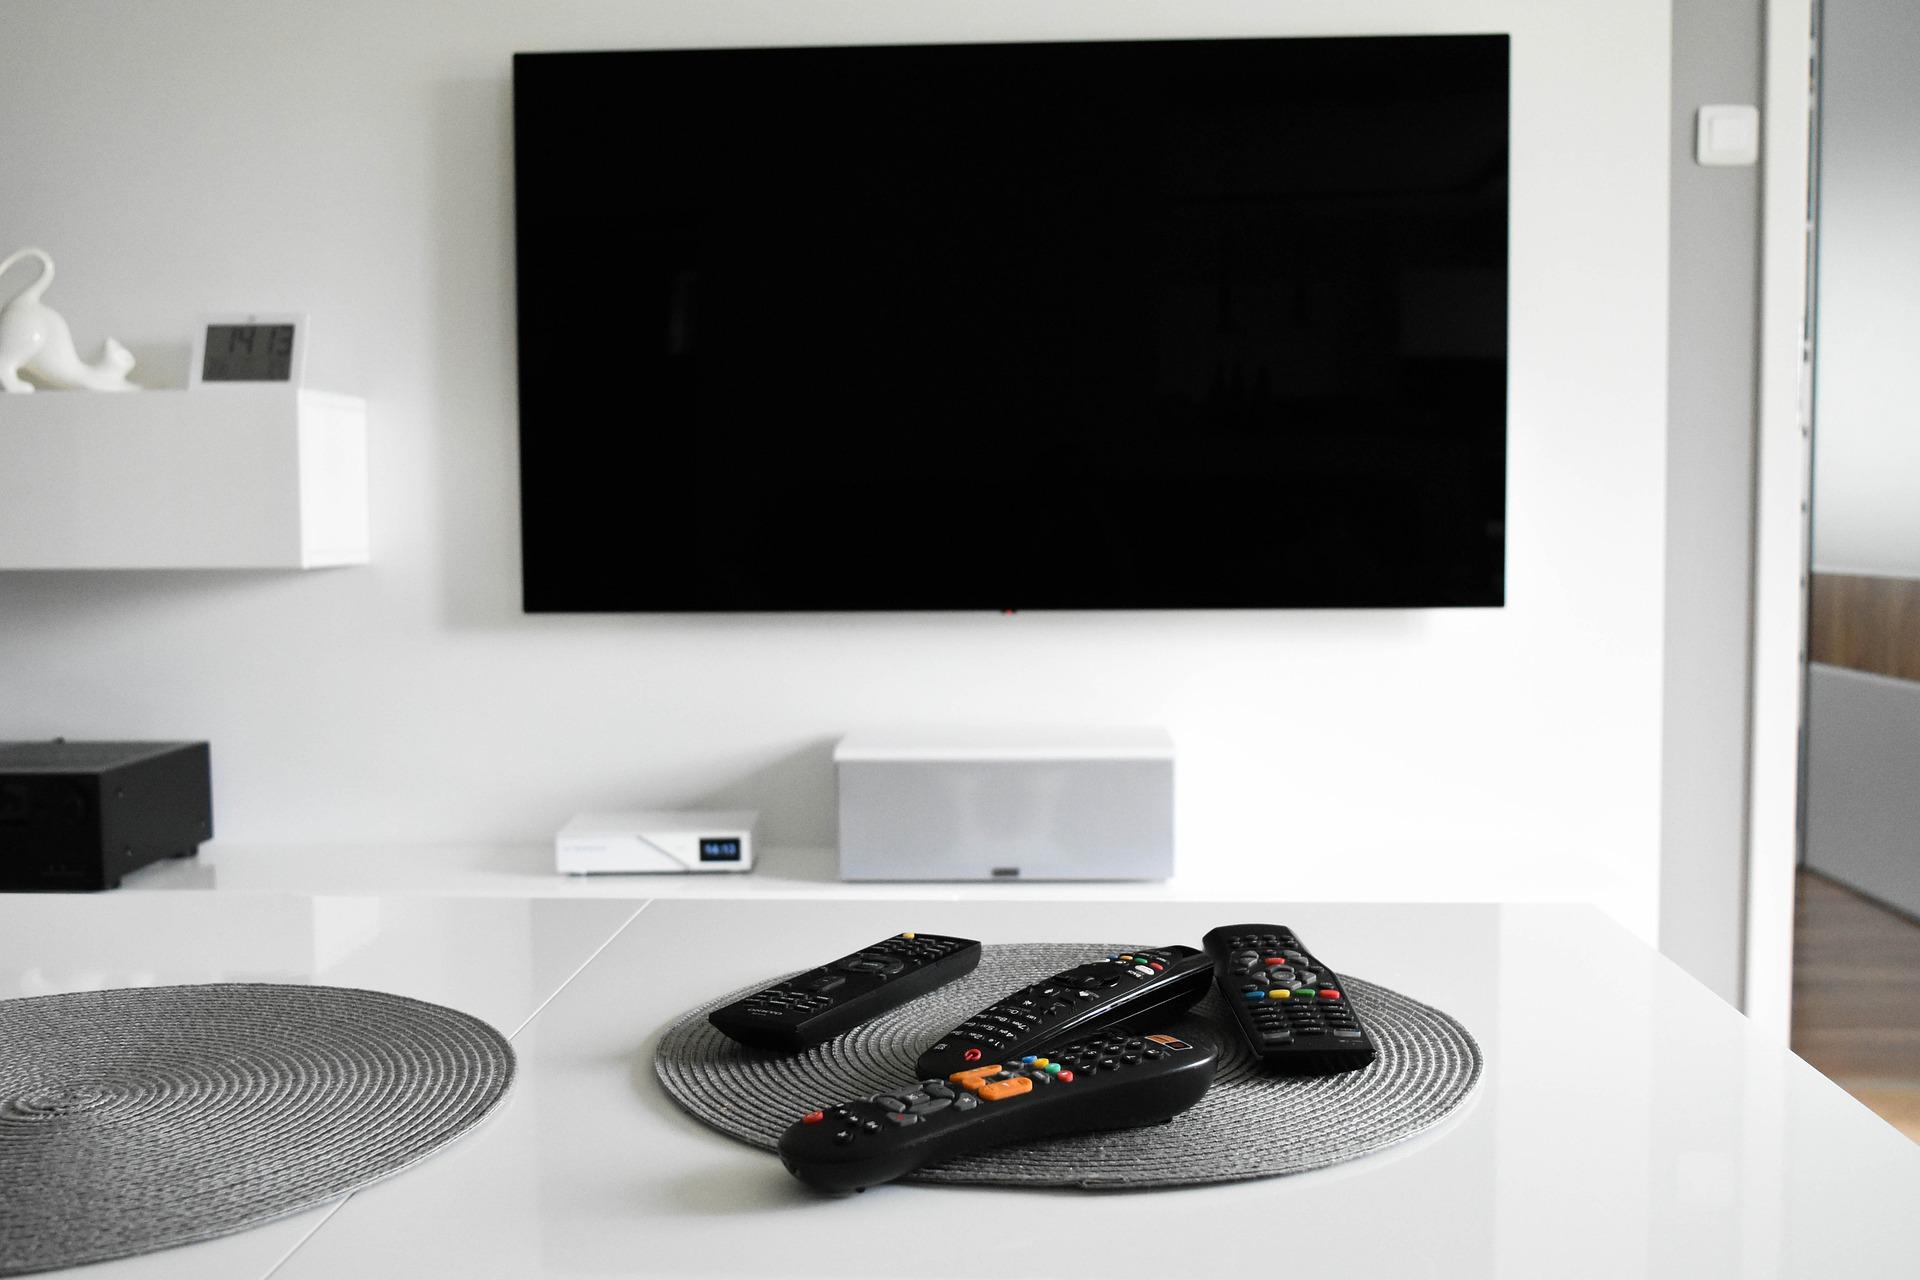 awaria podświetlenia telewizora